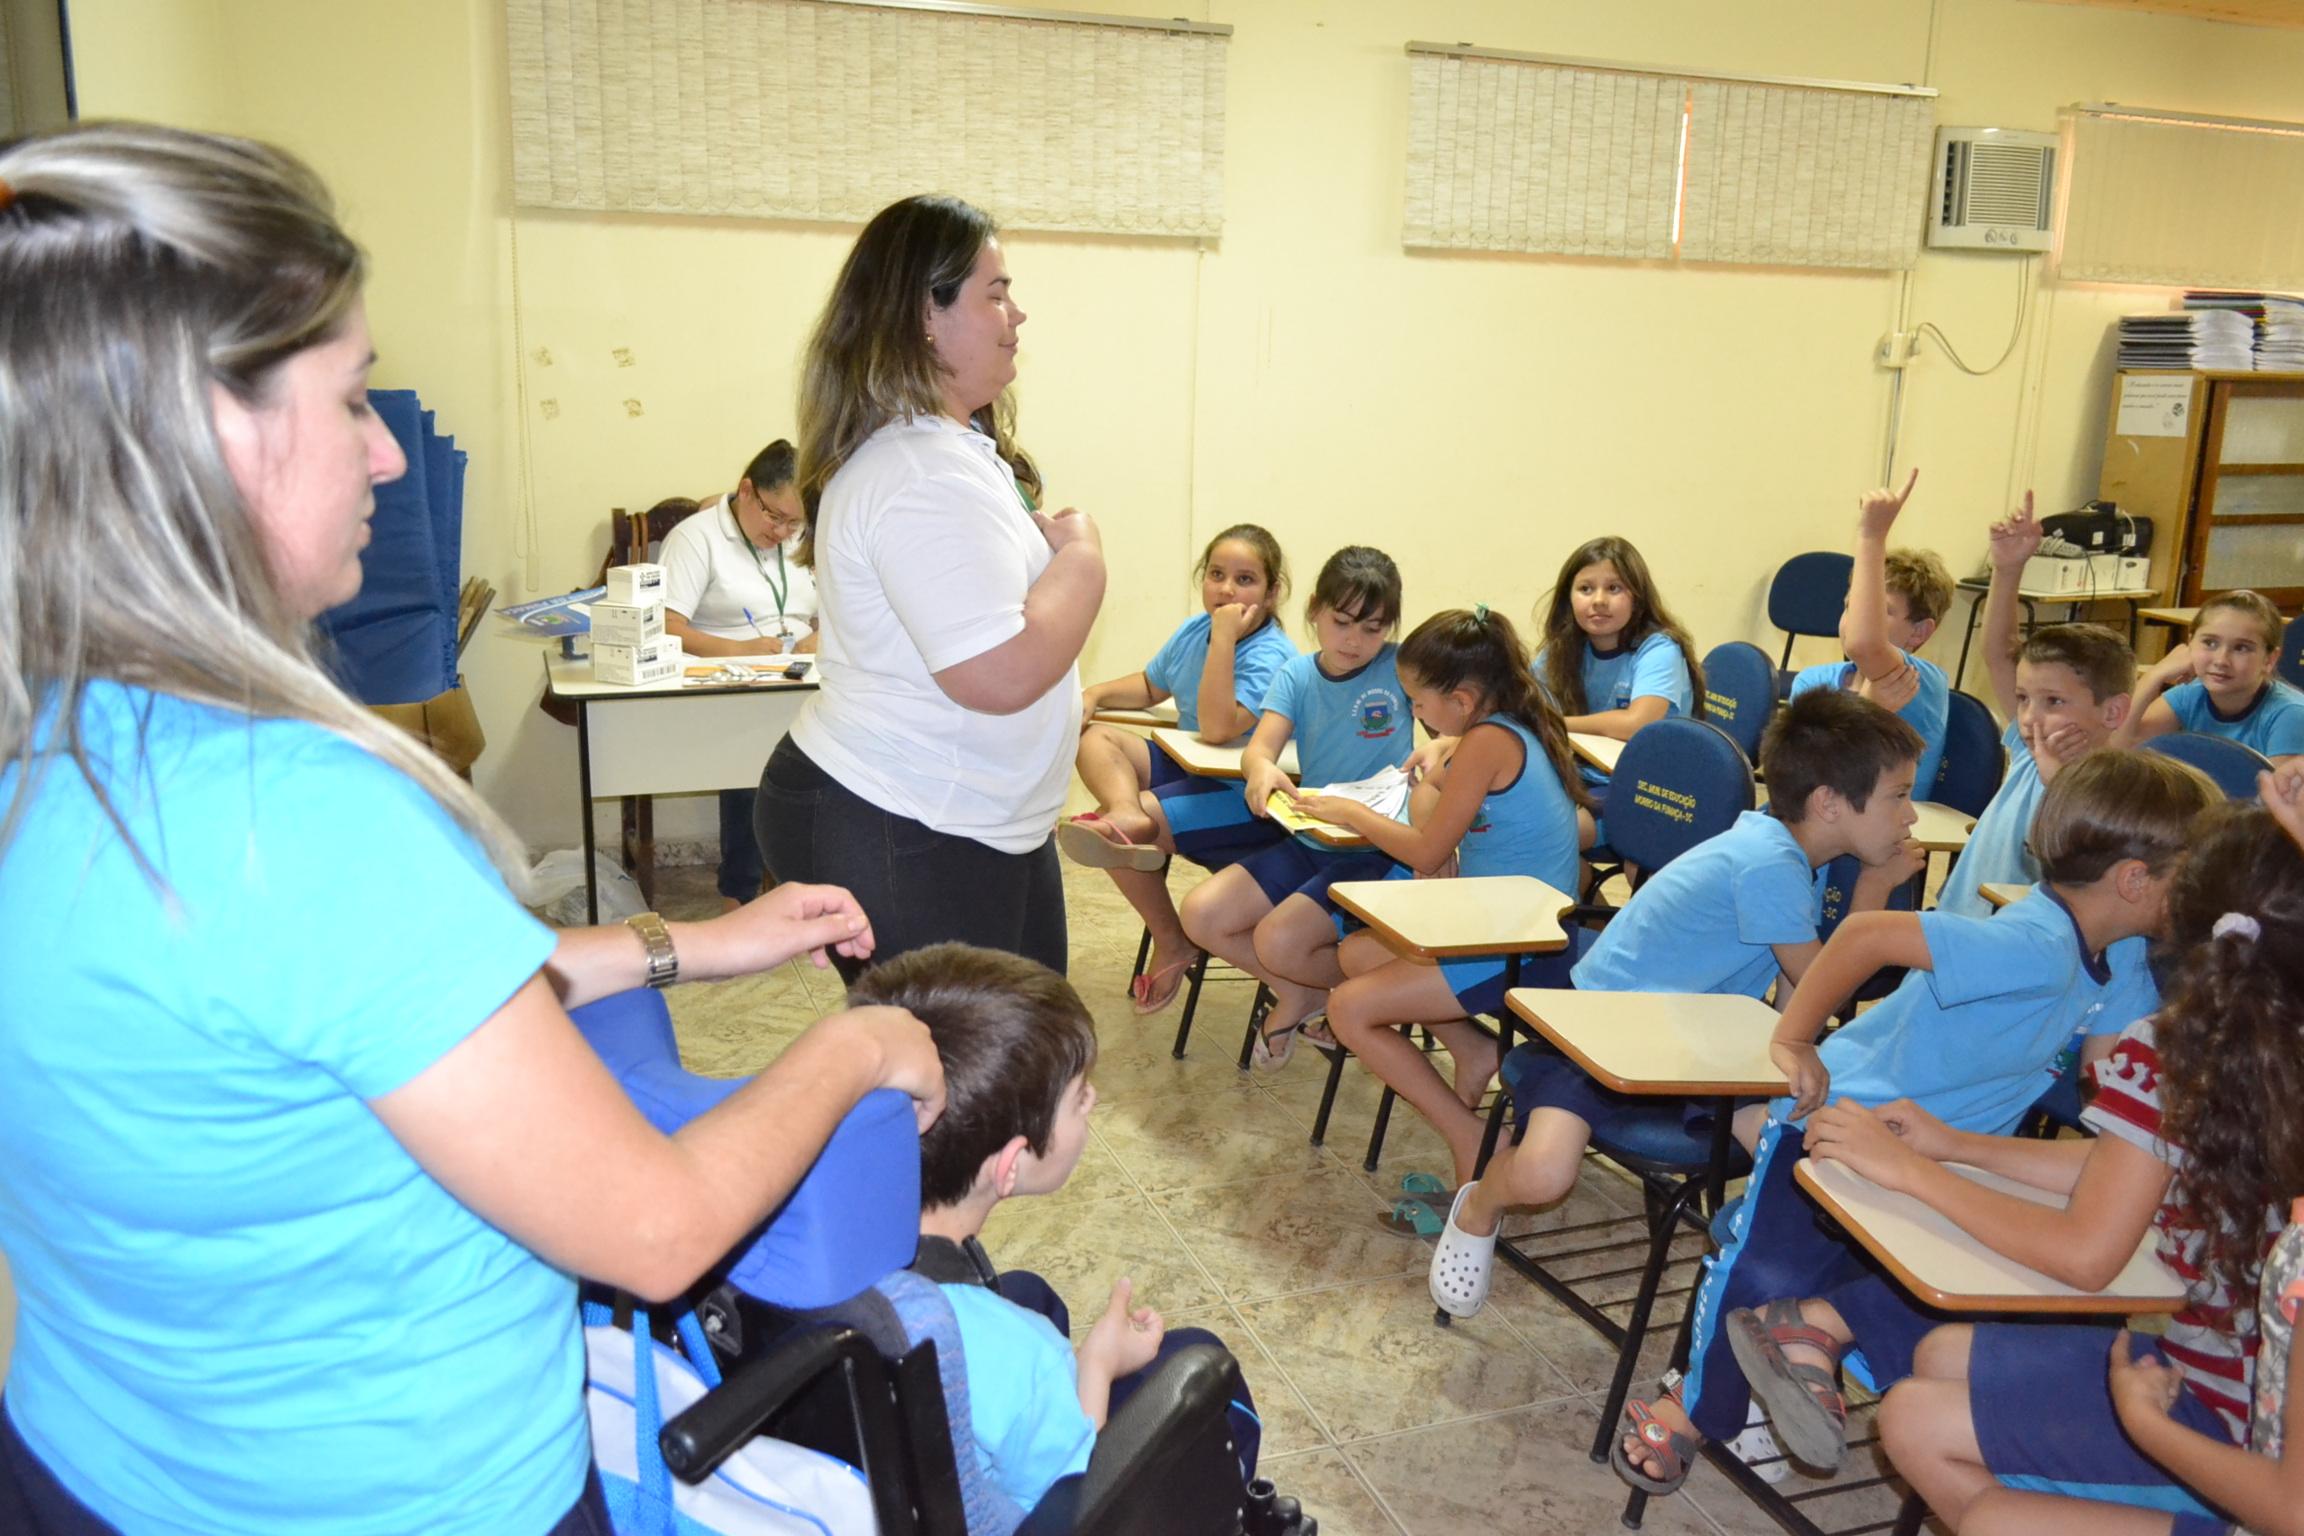 MORRO DA FUMAÇA- Agora foi a vez do Bairro Naspolini realizar a etapa do Programa Saúde Na Escola